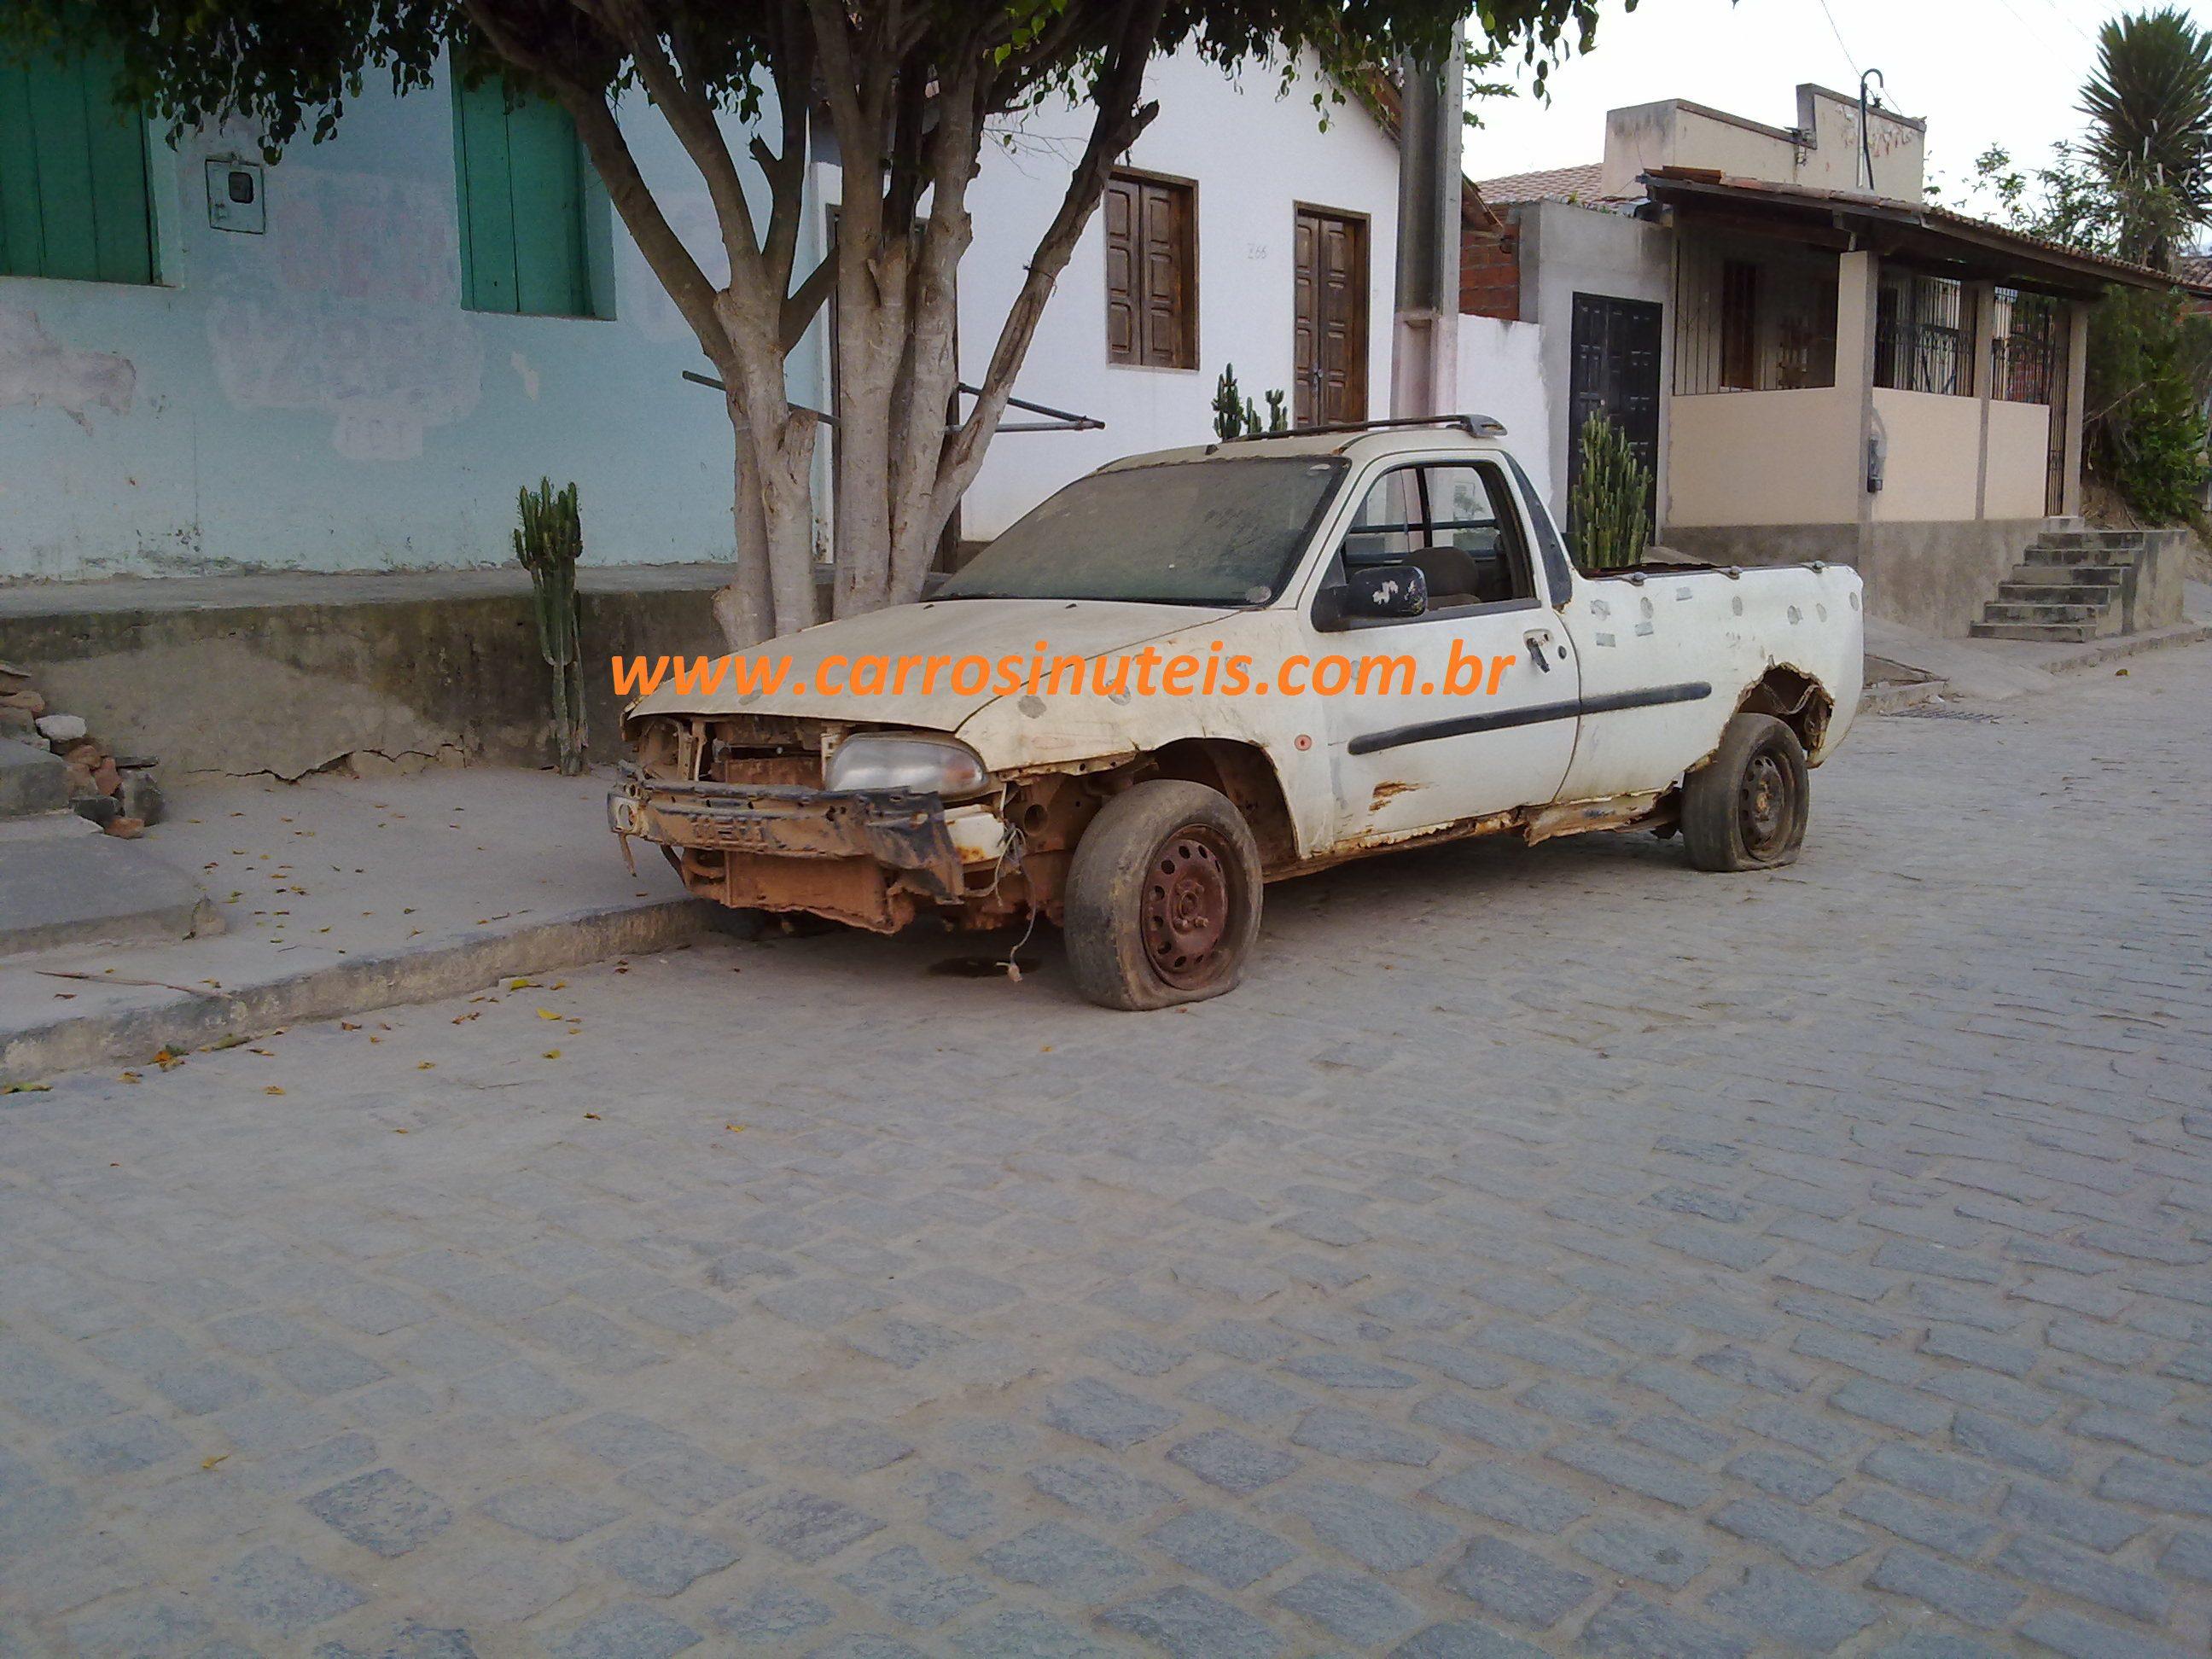 junin_ford_courier_itaquara_bahia Ford Courier - Itaquara, Bahia - BY Junin